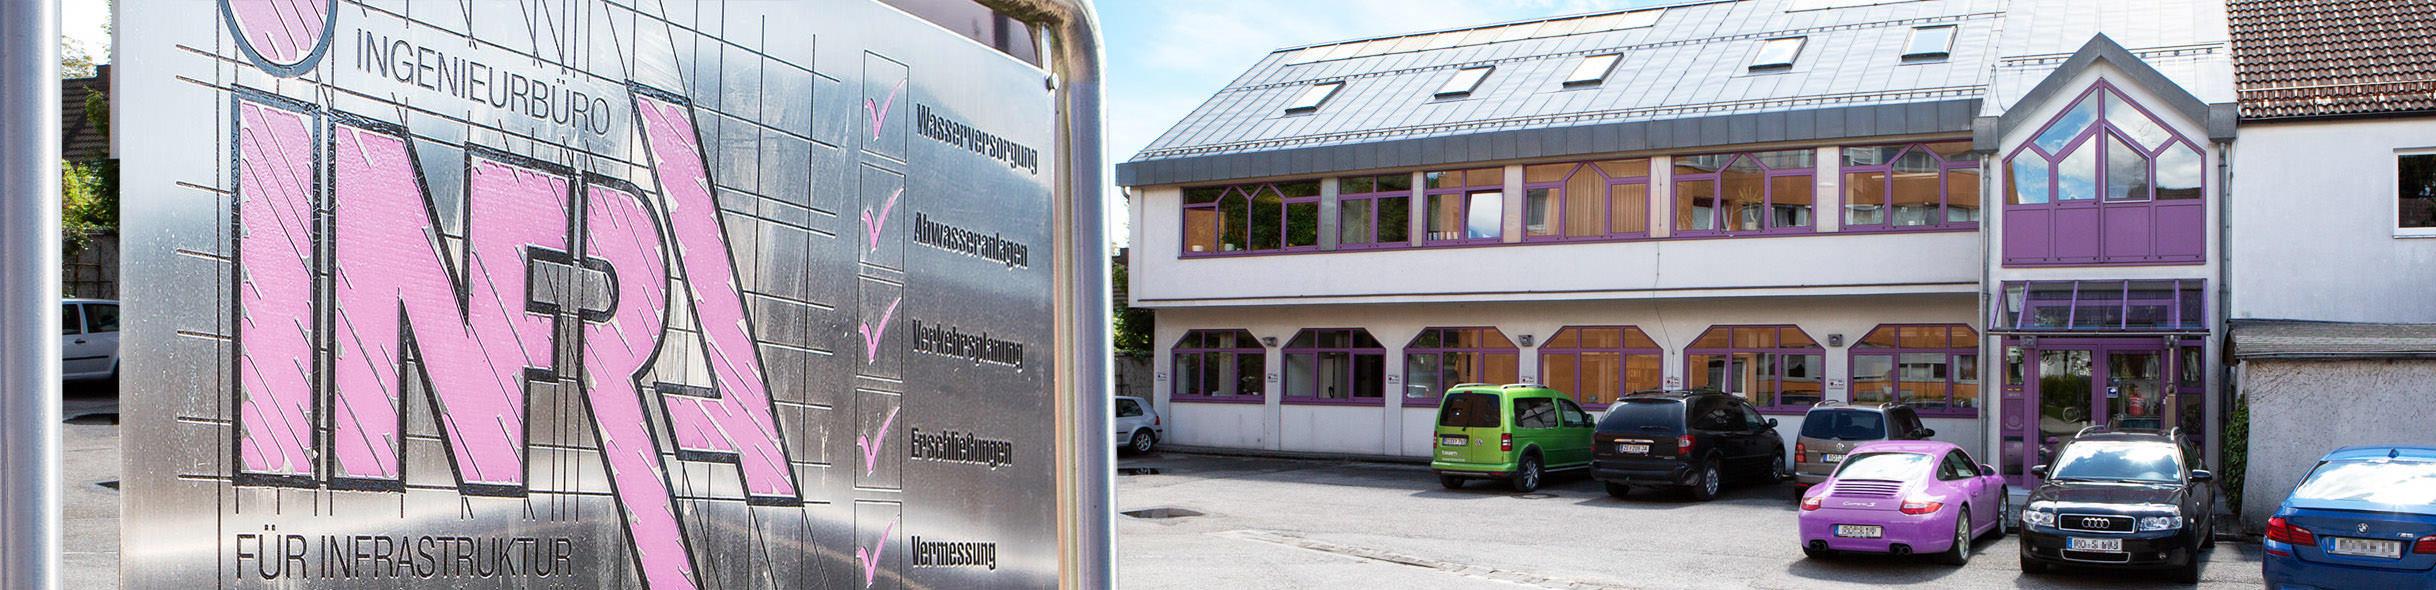 Ingenieurbüro für Infrastruktur Gebäude Ansicht